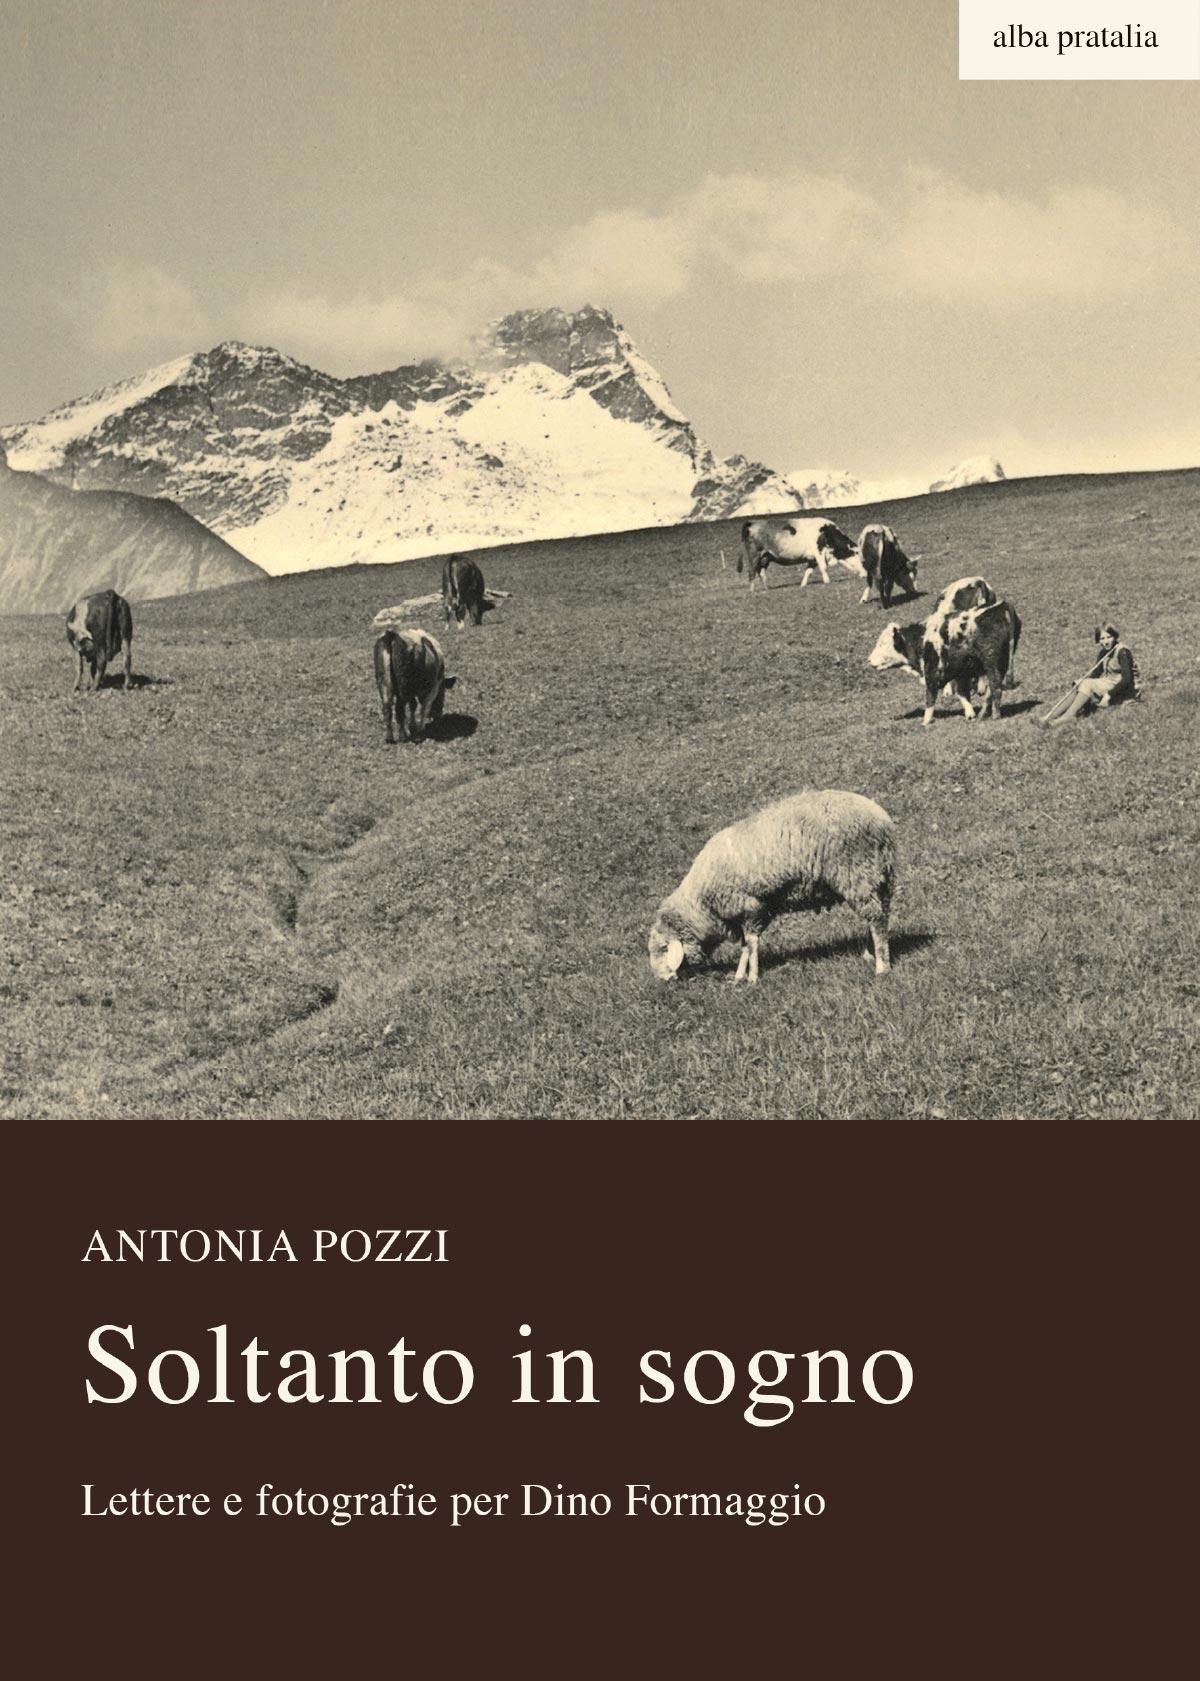 Soltanto in sogno Antonia Pozzi